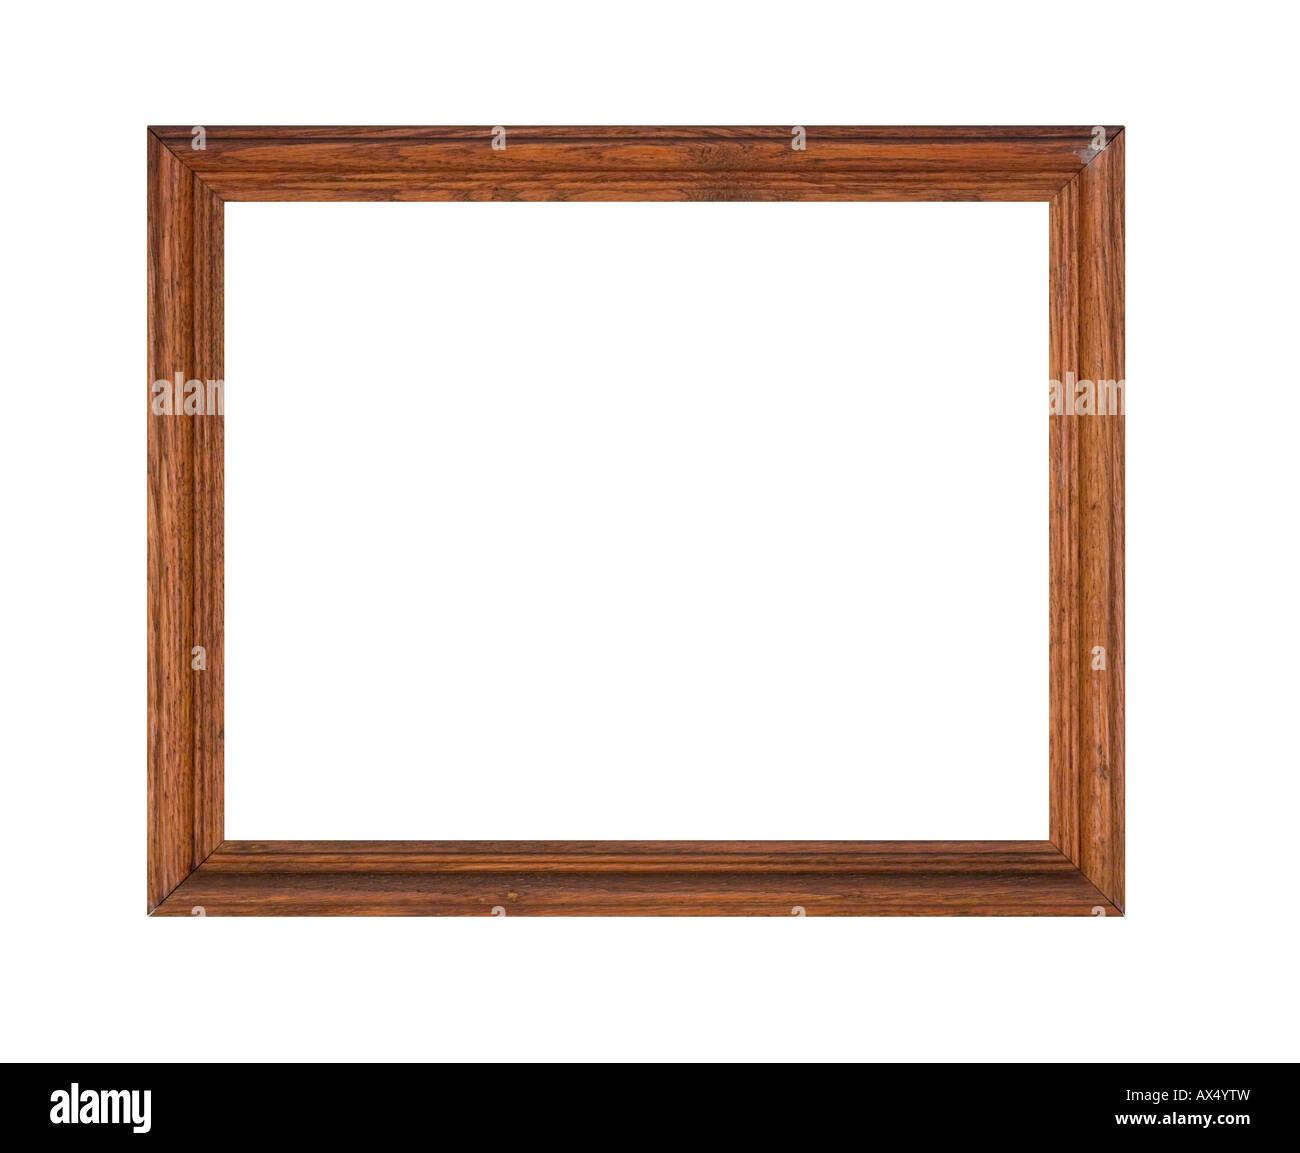 Bilderrahmen aus Eichenholz im groben notleidenden Zustand, ein Trödler finden isoliert auf weiss. Stockbild